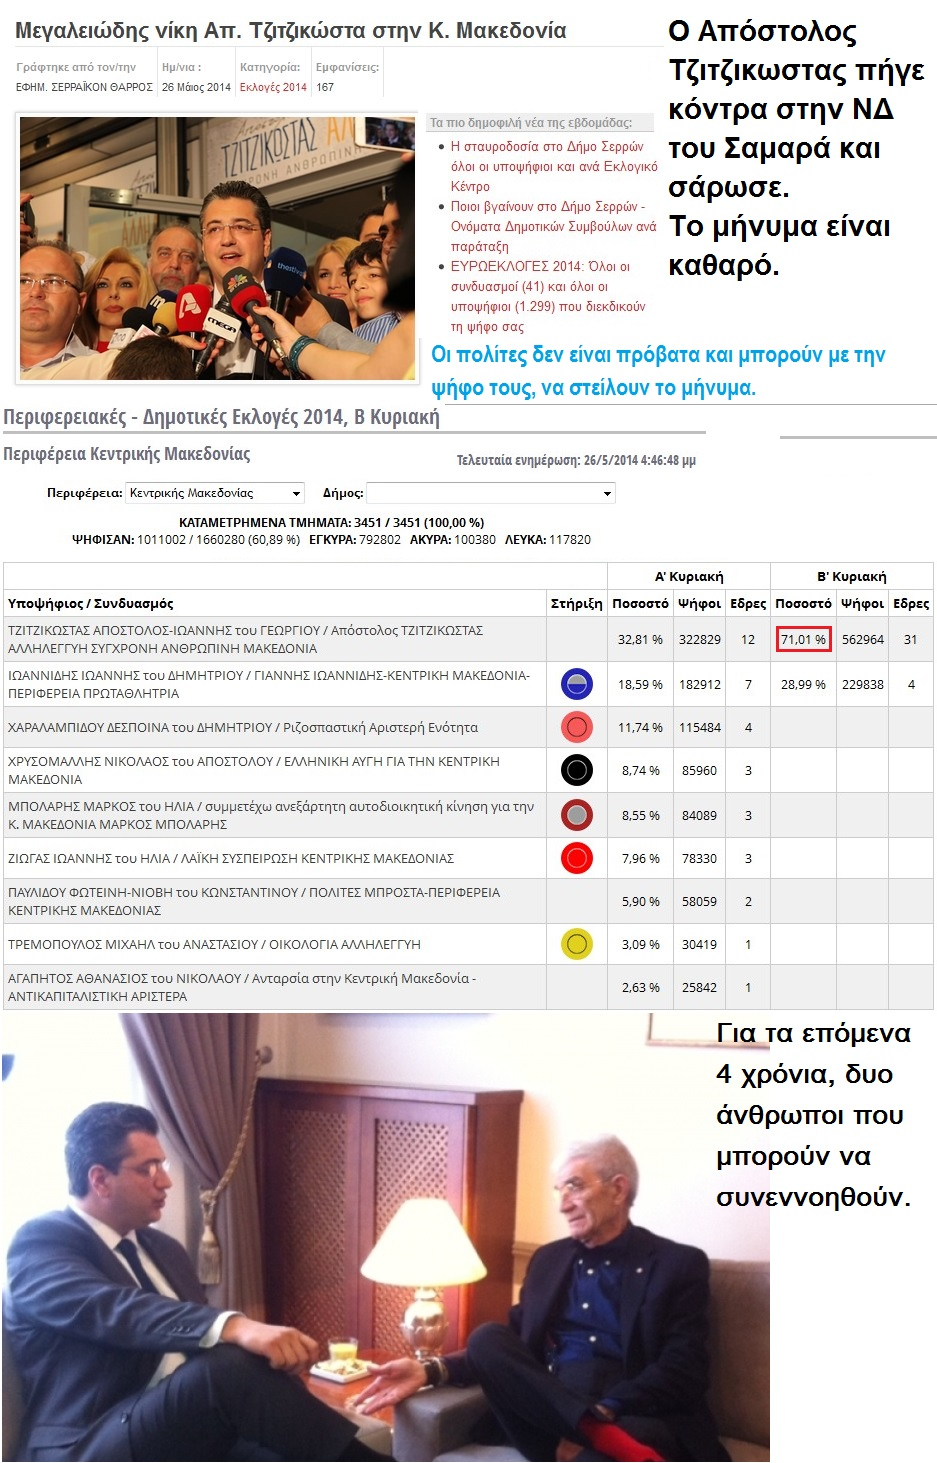 ELLADA ELECTION TZITZIKOSTAS 03 260514